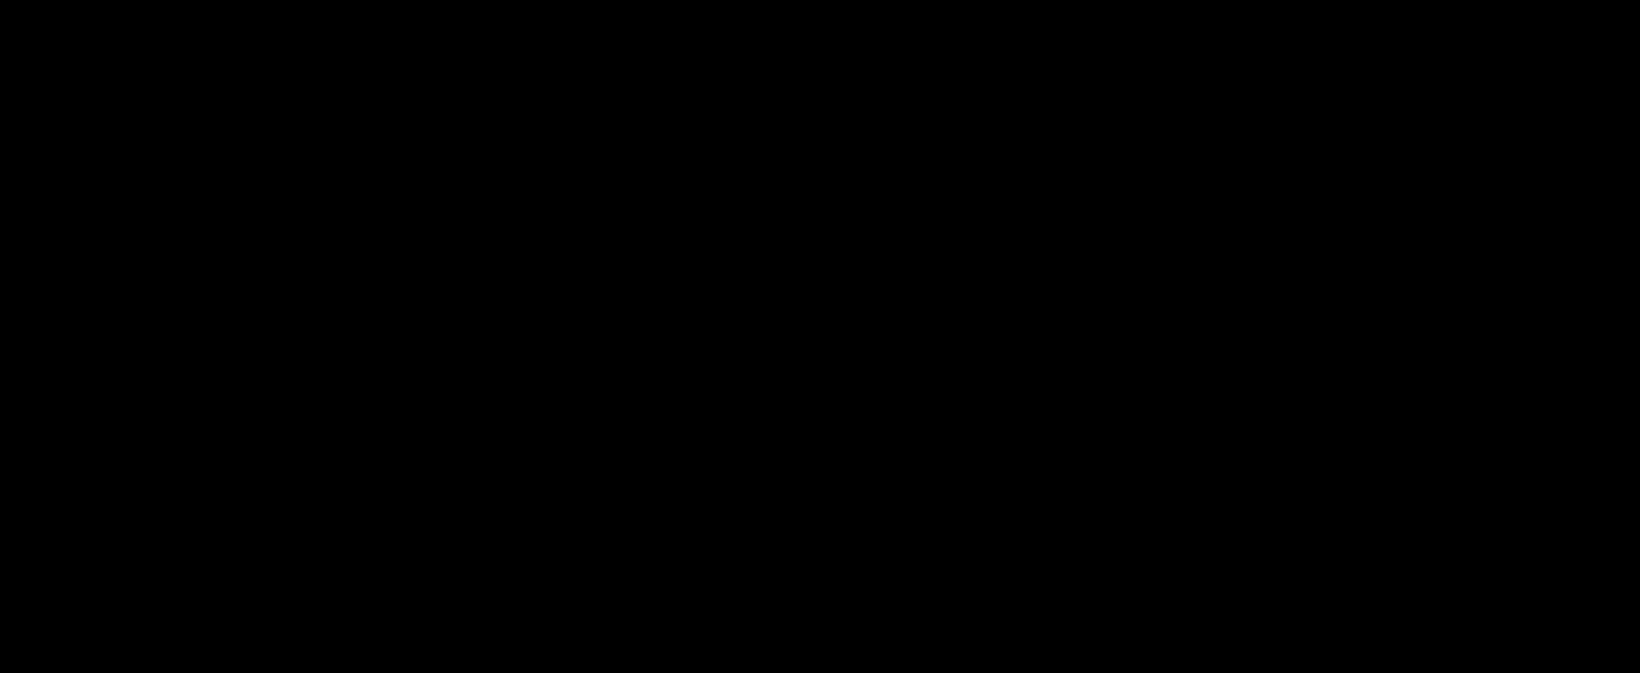 Levothyroxine USB C impurity